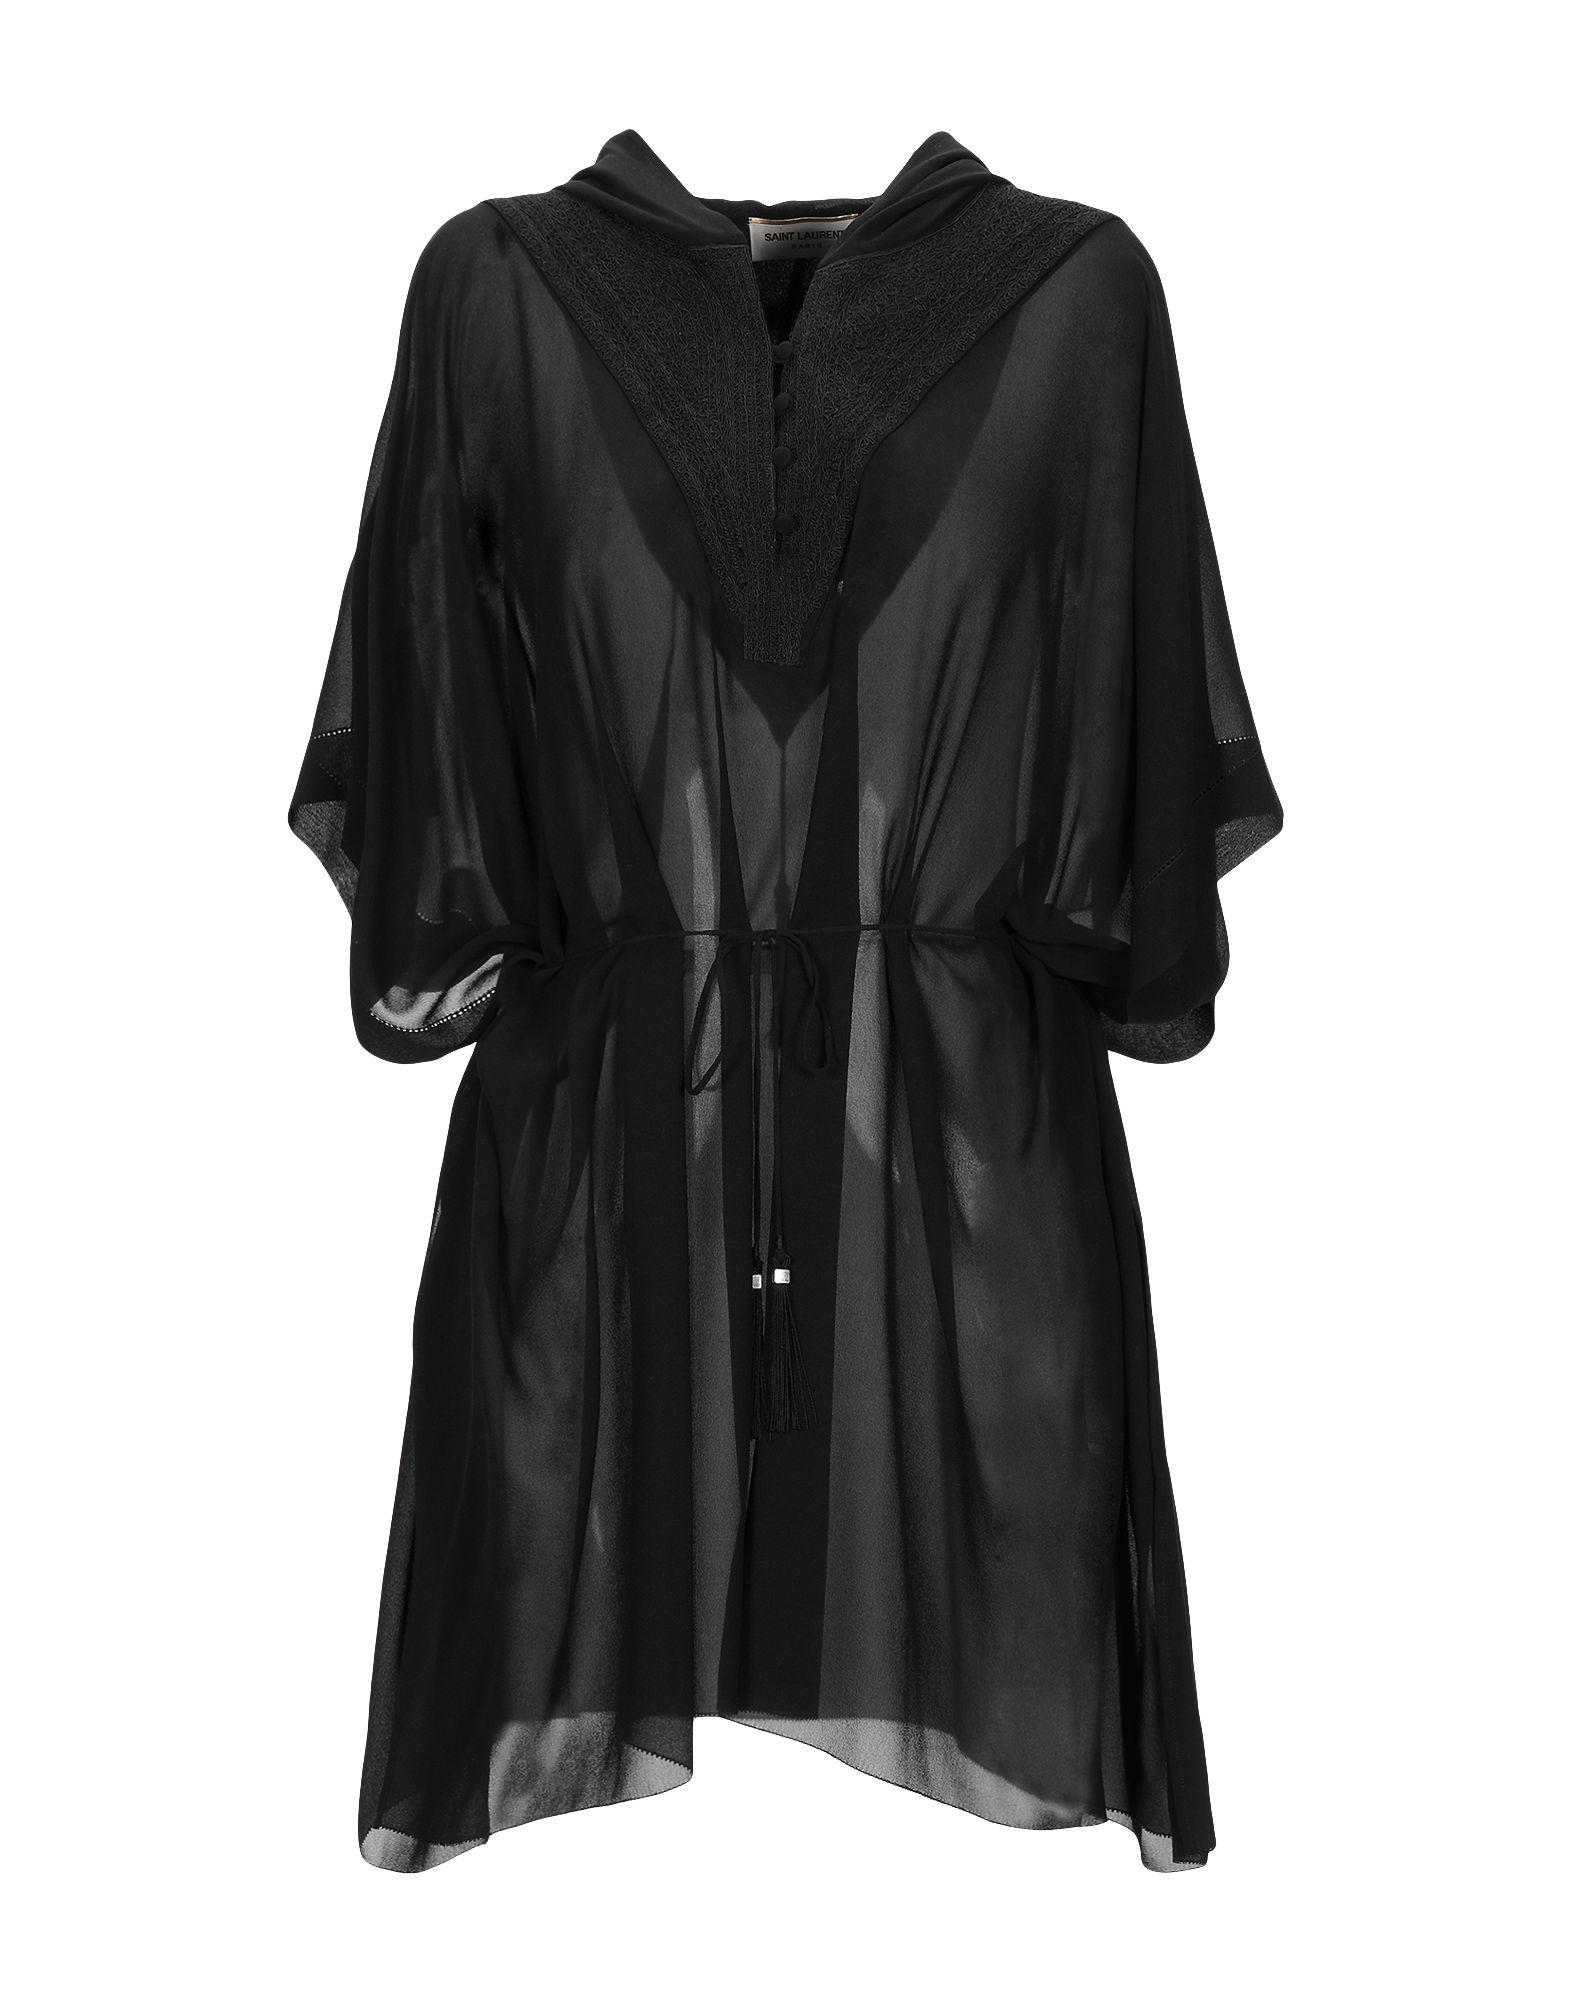 SAINT LAURENT Короткое платье saint laurent платье длиной 3 4